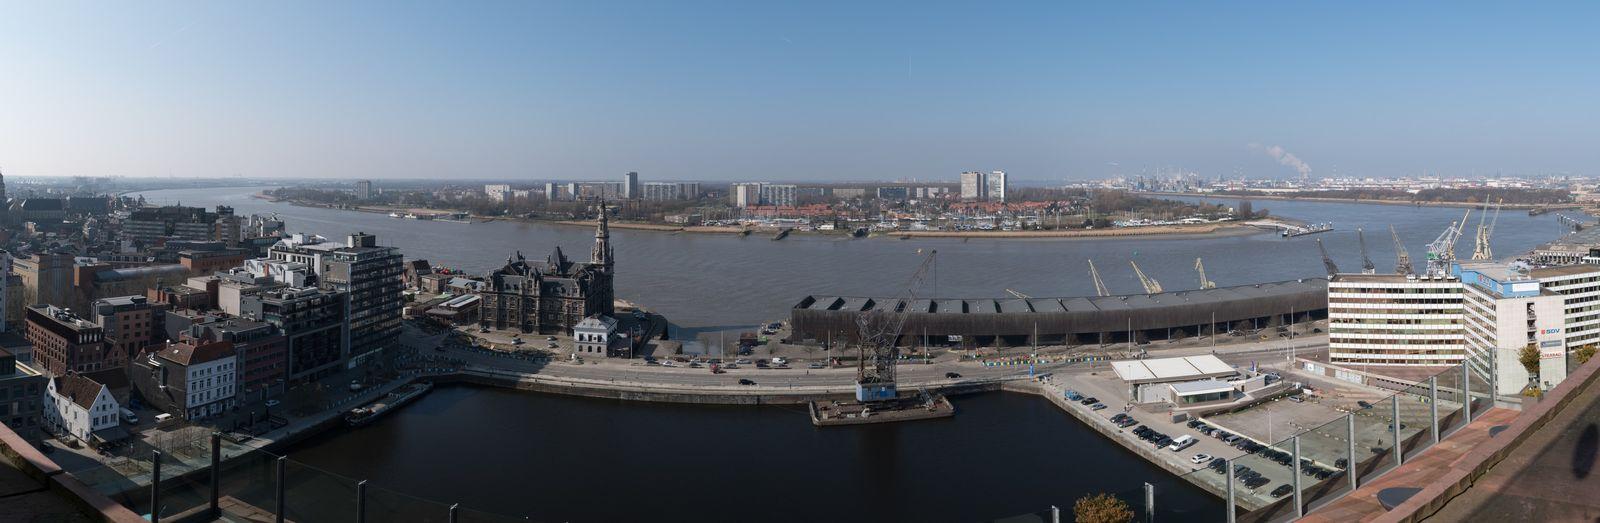 Antwerp Schelde River View Panorama Linkeroever